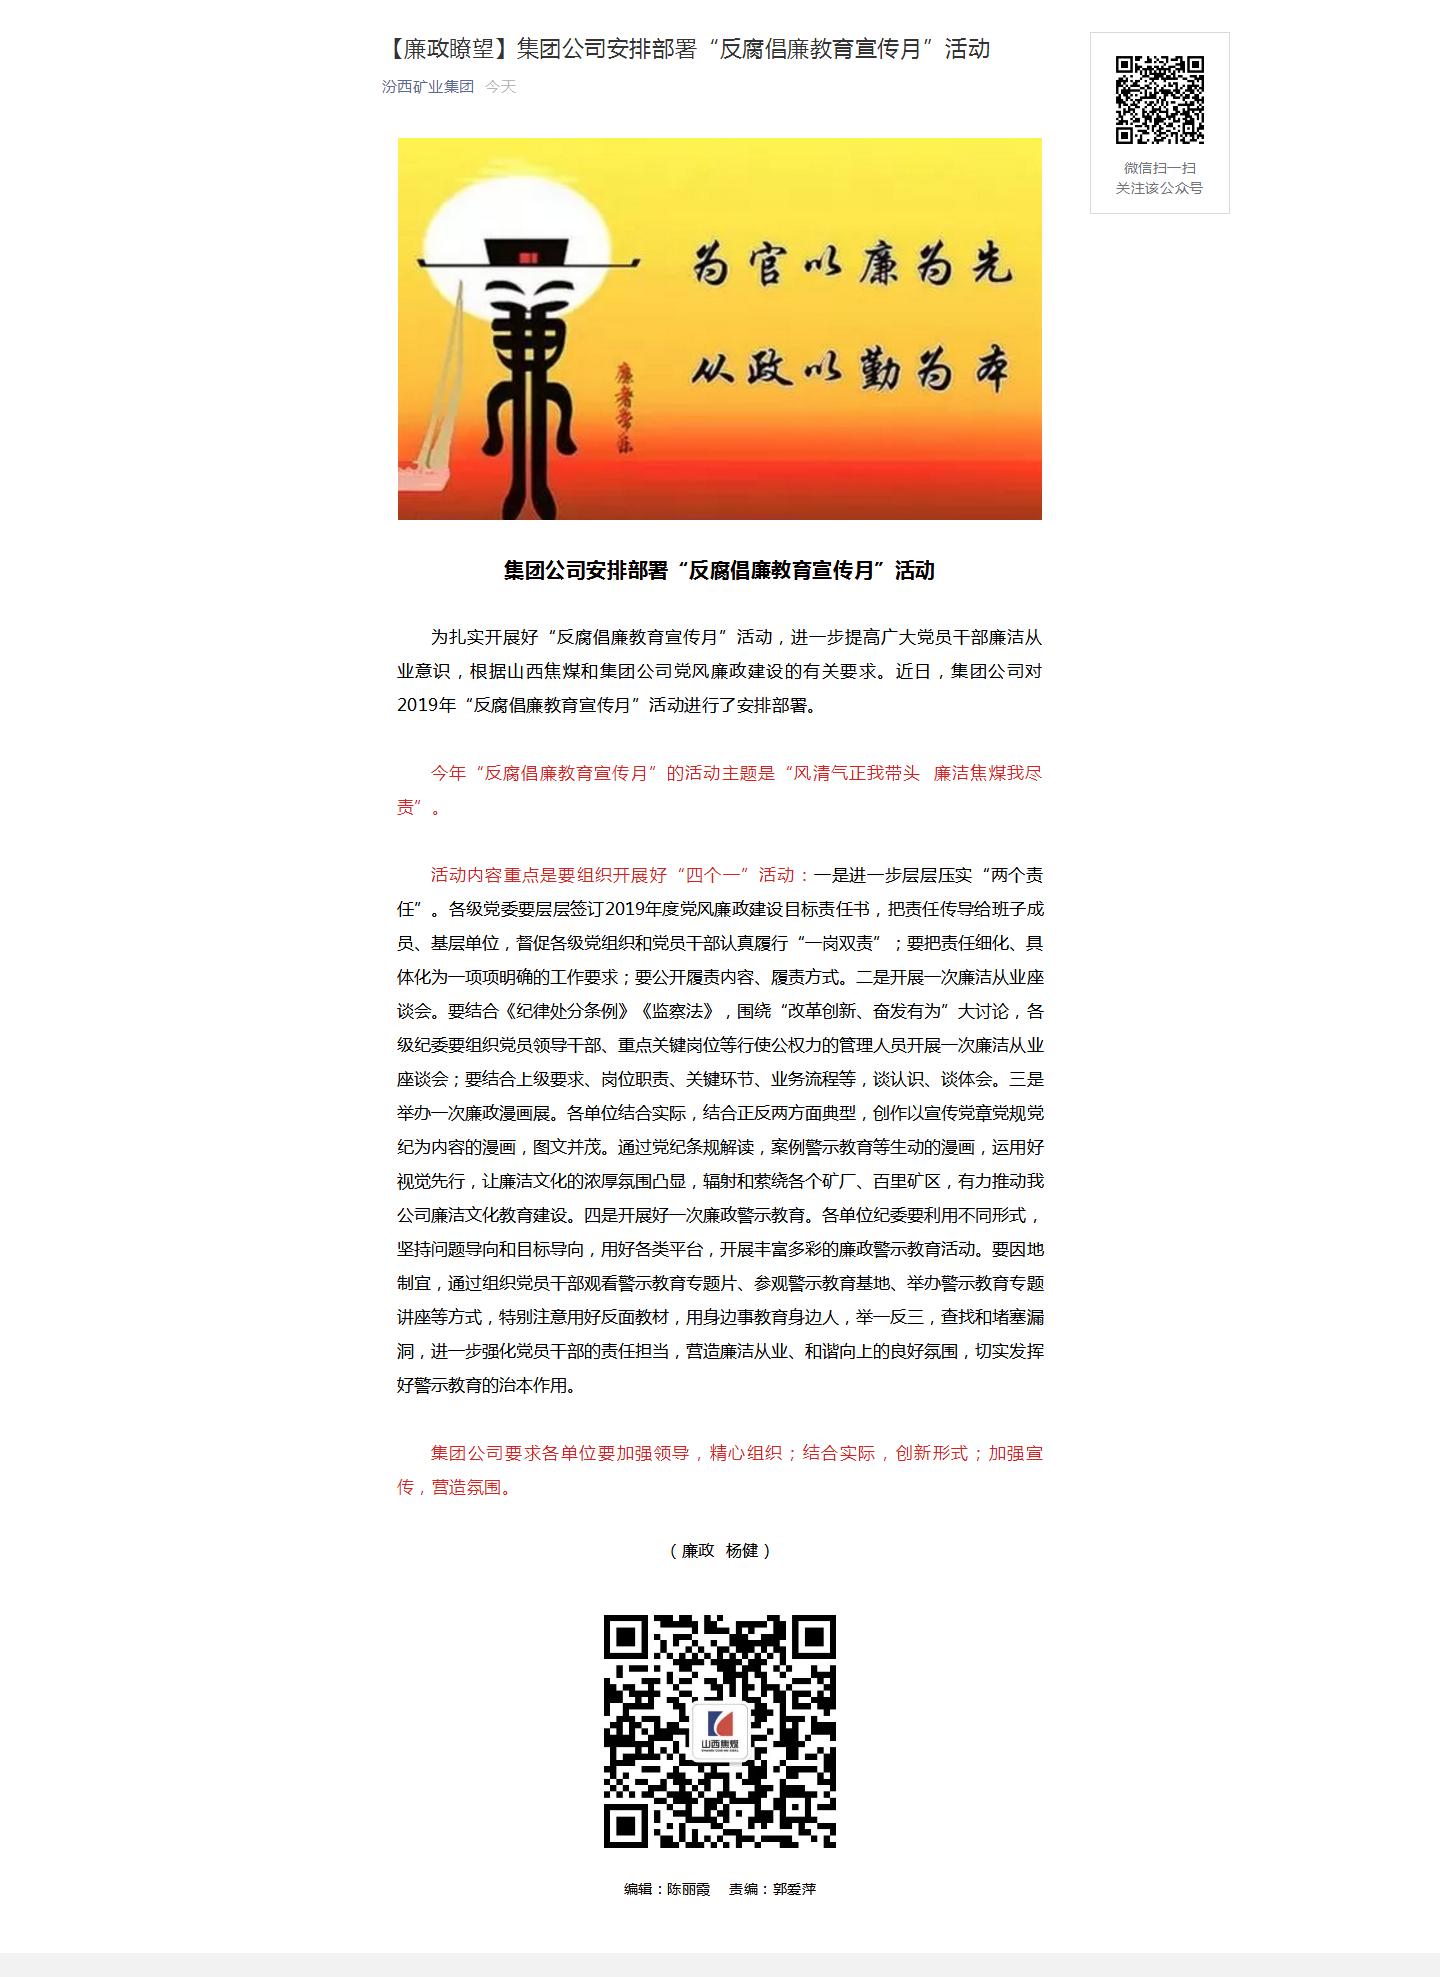 """【廉政瞭望】集团公司安排部署""""反腐倡廉教育宣传月""""活动.png"""